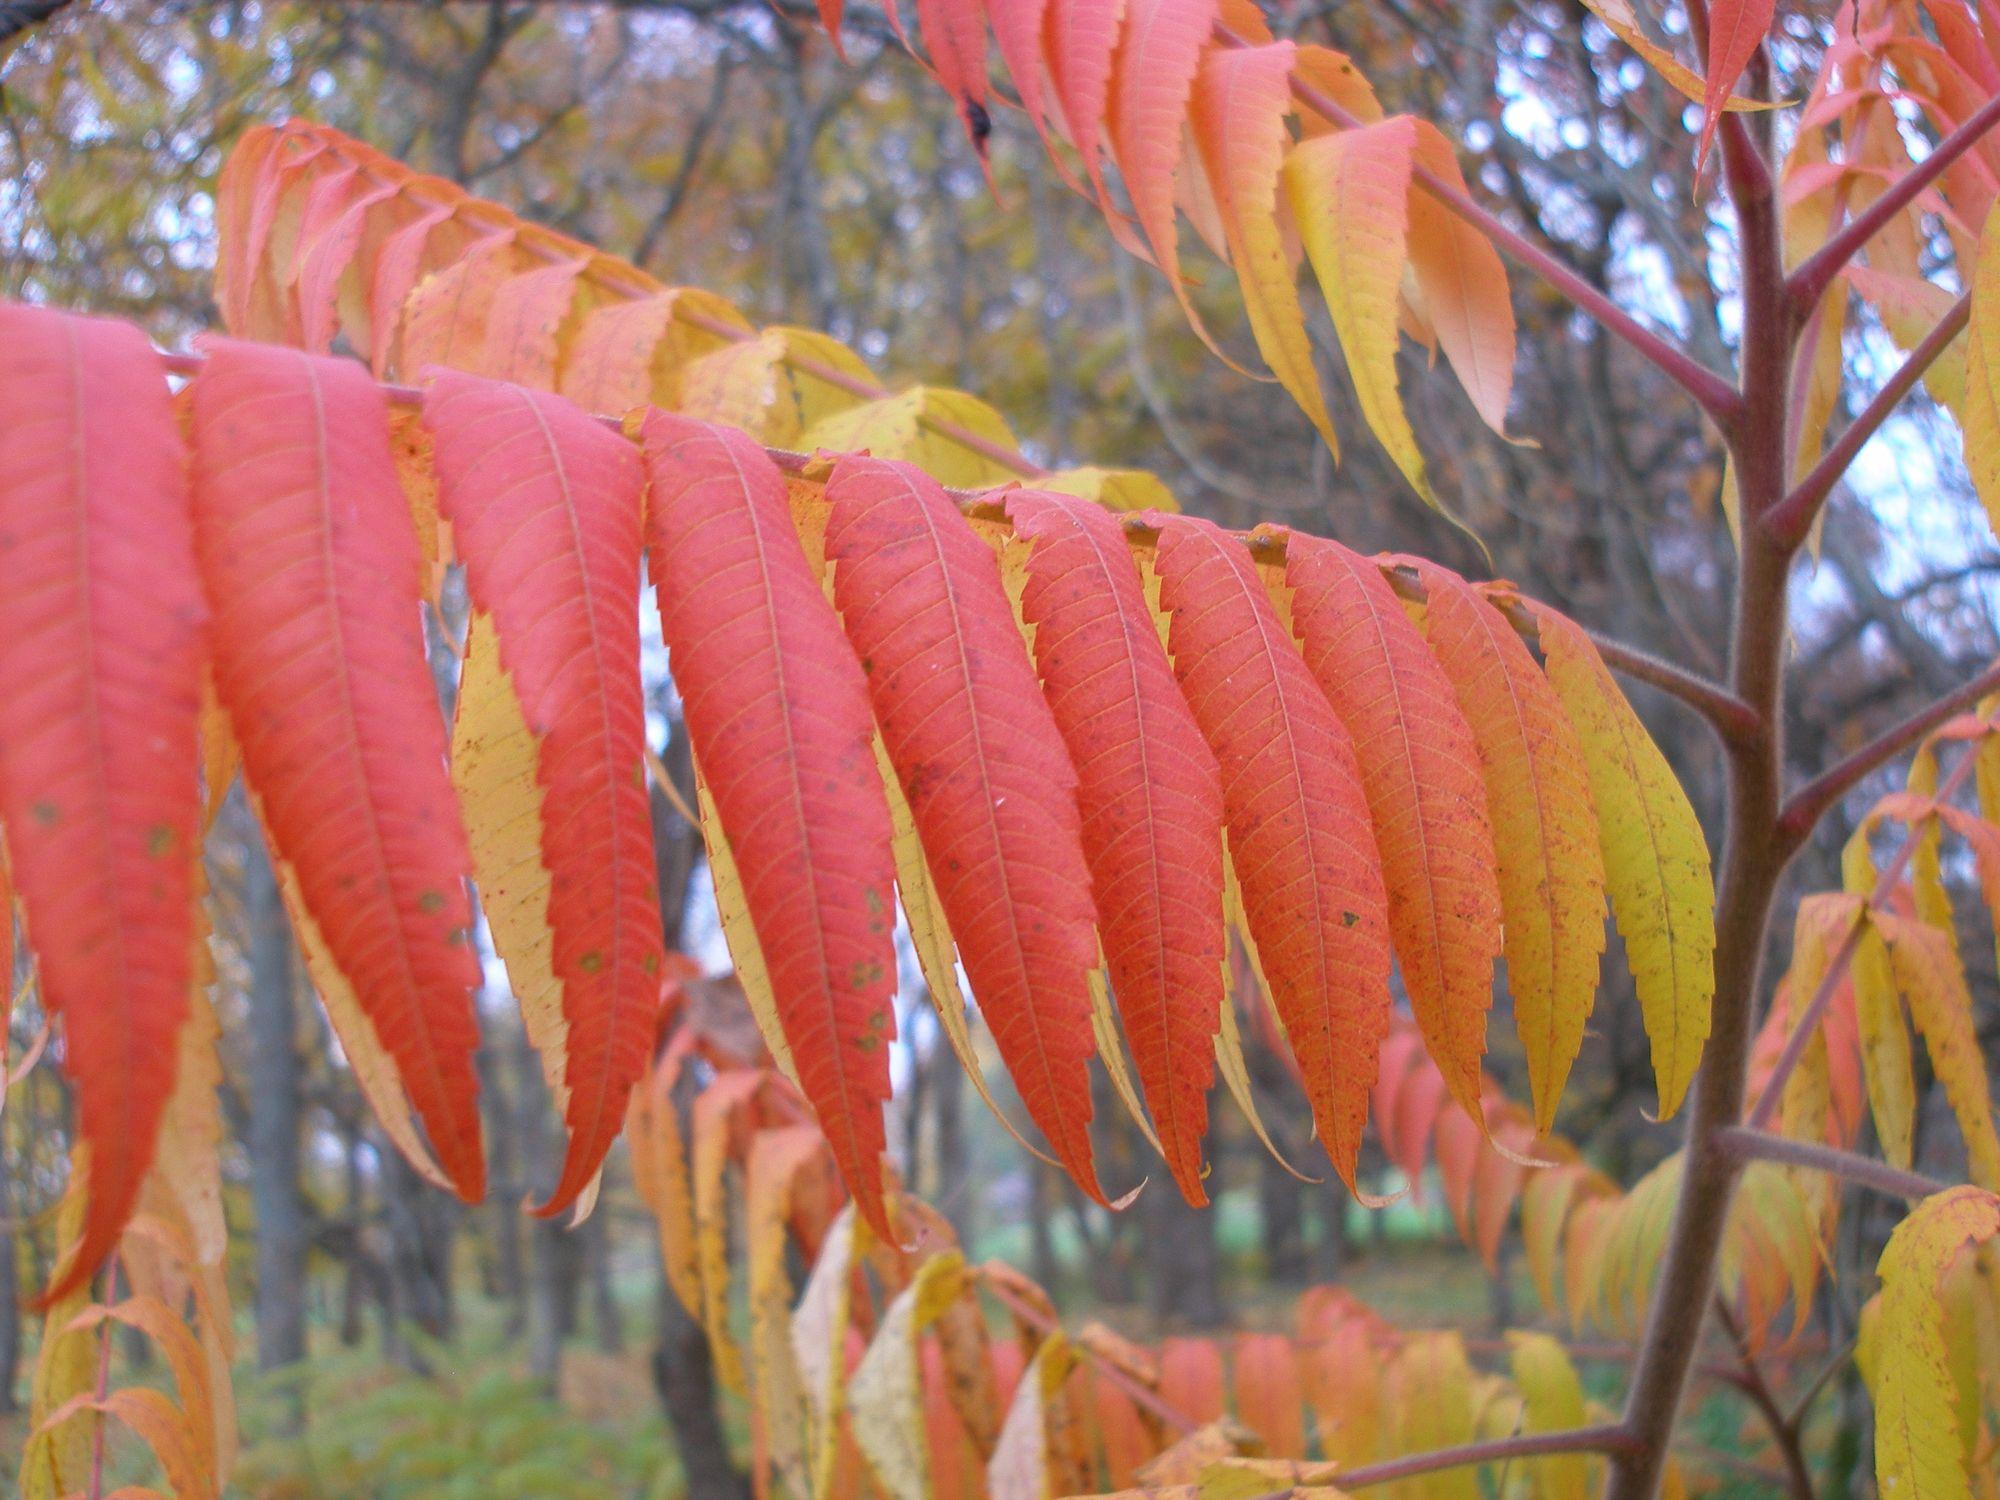 Ryškiaspalviai žagrenio lapai nušviečia rudenį